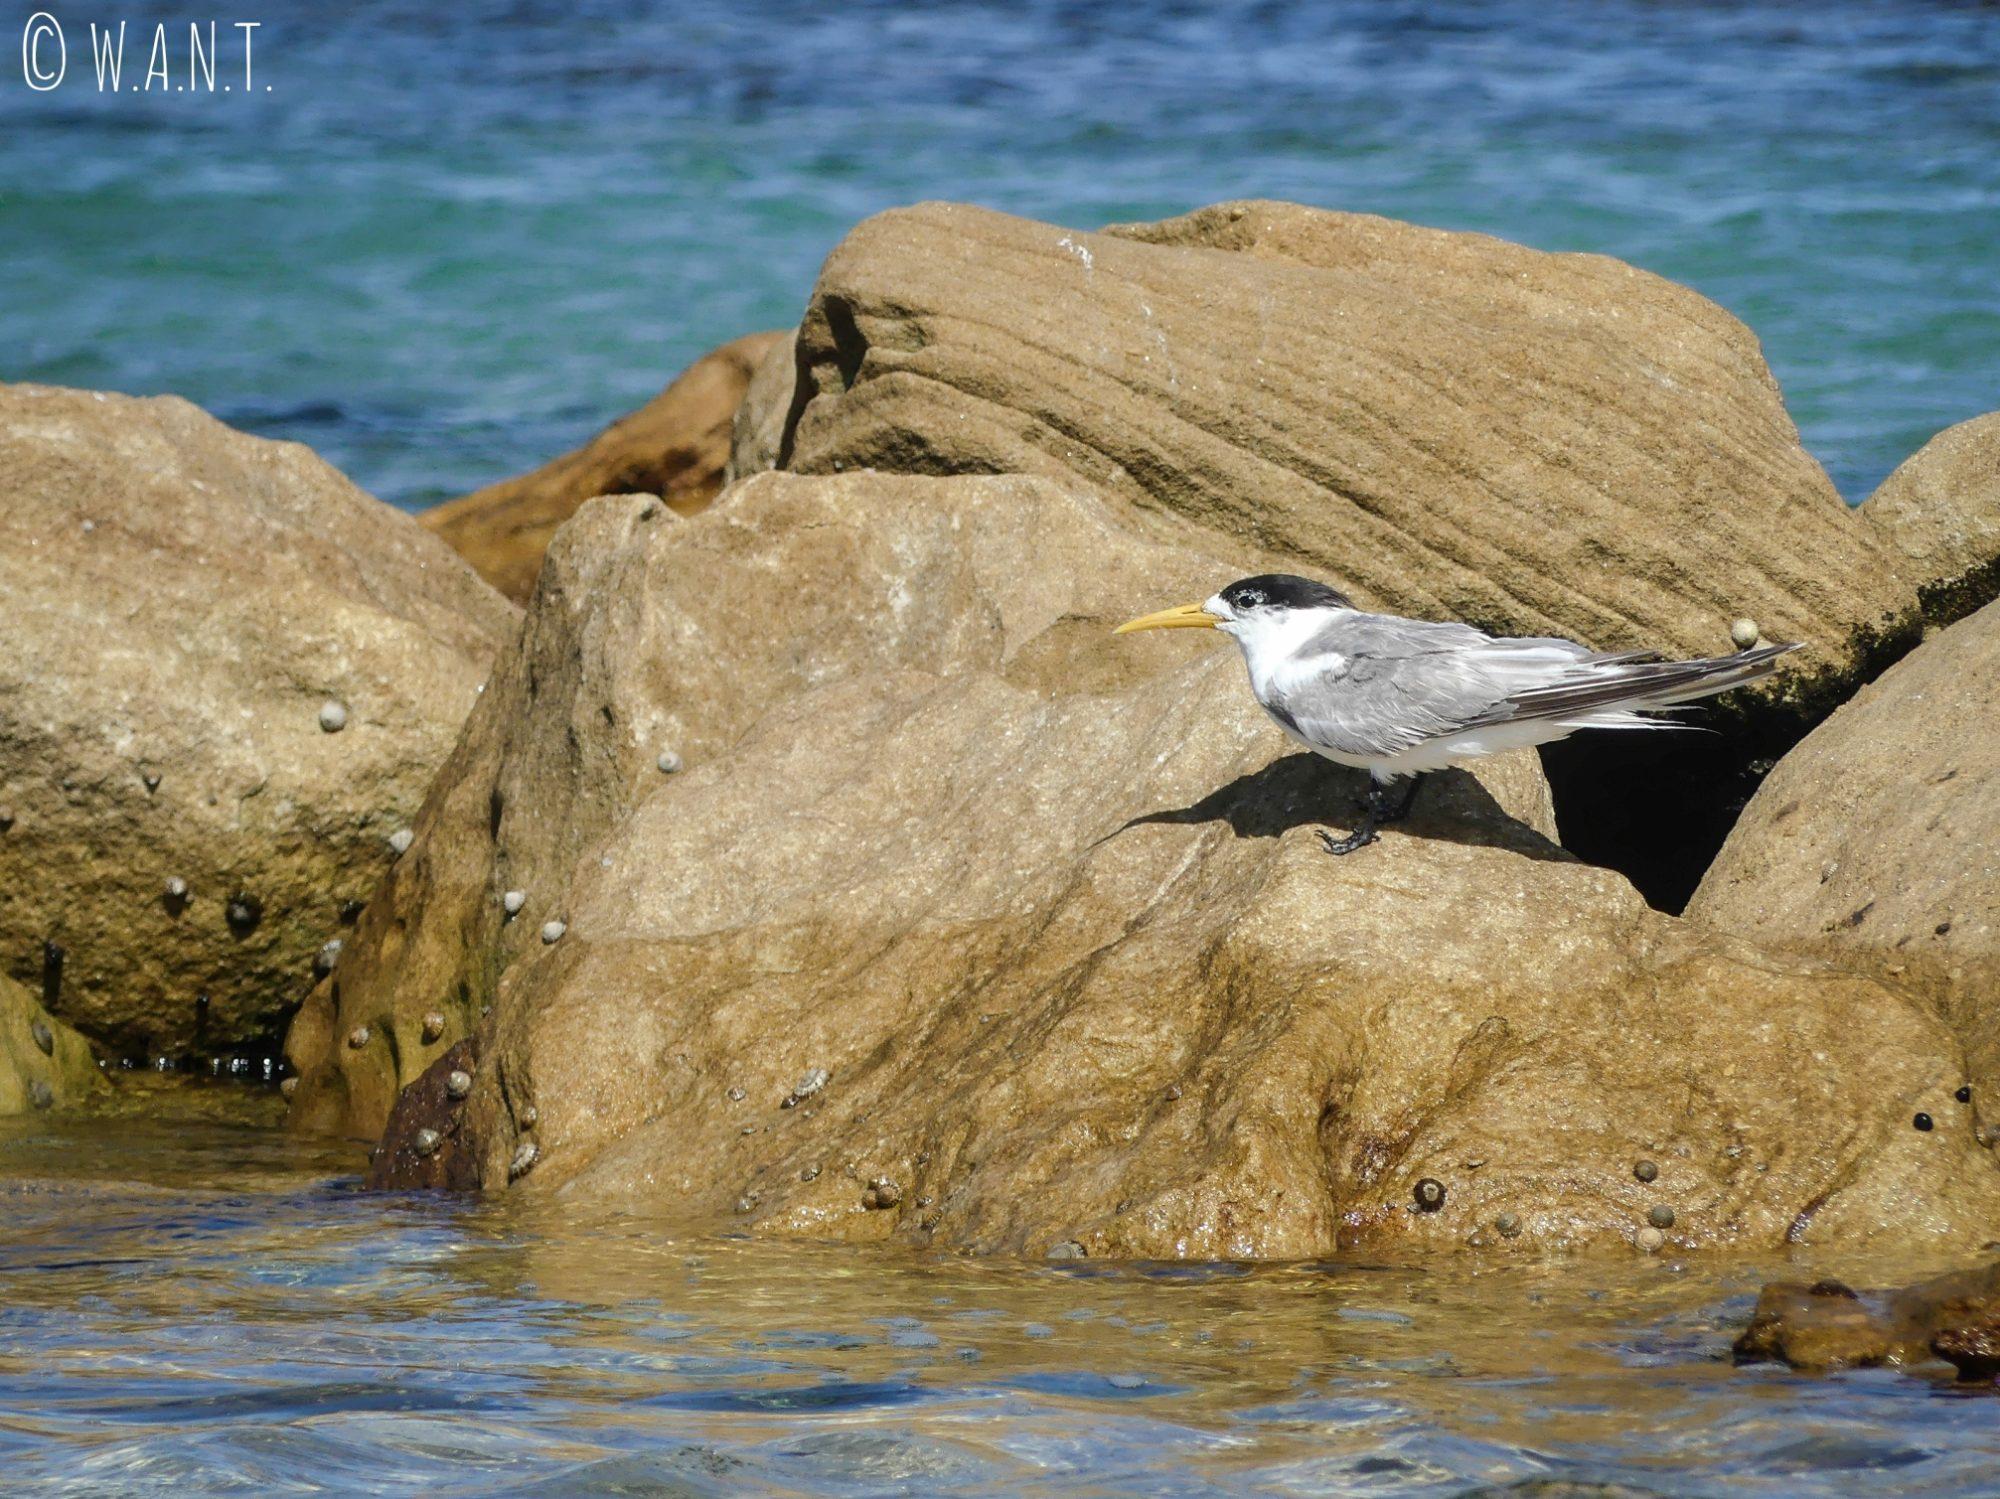 Oiseau sur la plage de Maroubra près de Sydney